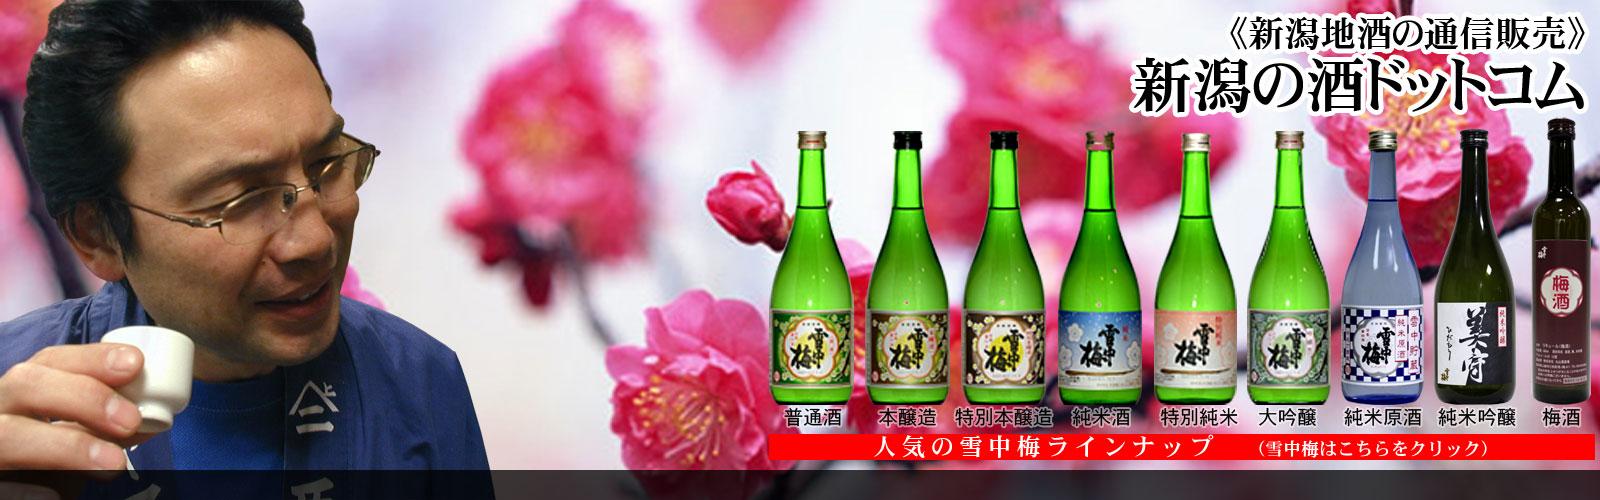 新潟の酒ドットコム 雪中梅ラインナップ